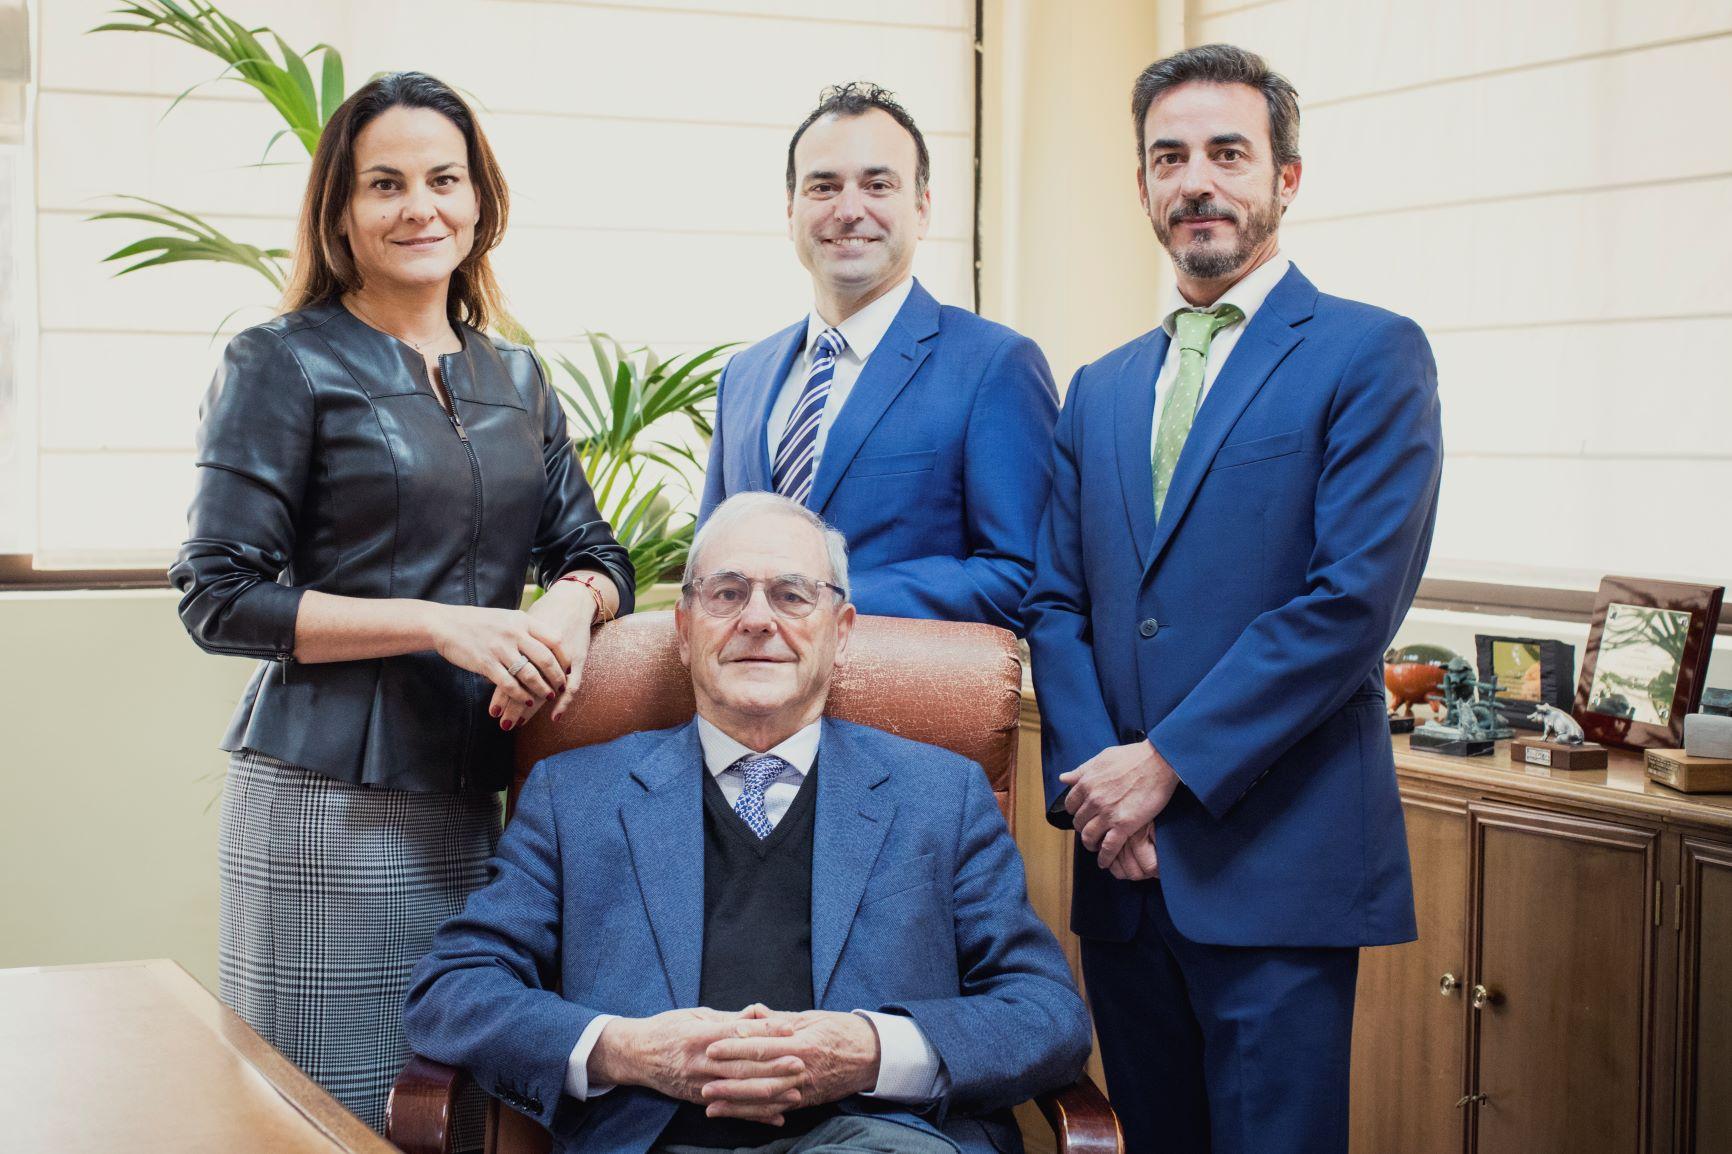 Montesano Extremadura se estrena en San Sebastián Gastronomika 19 como patrocinador del I Congreso de Pintxos, Tapas y Barras de la mano del gran chef Nacho Manzano